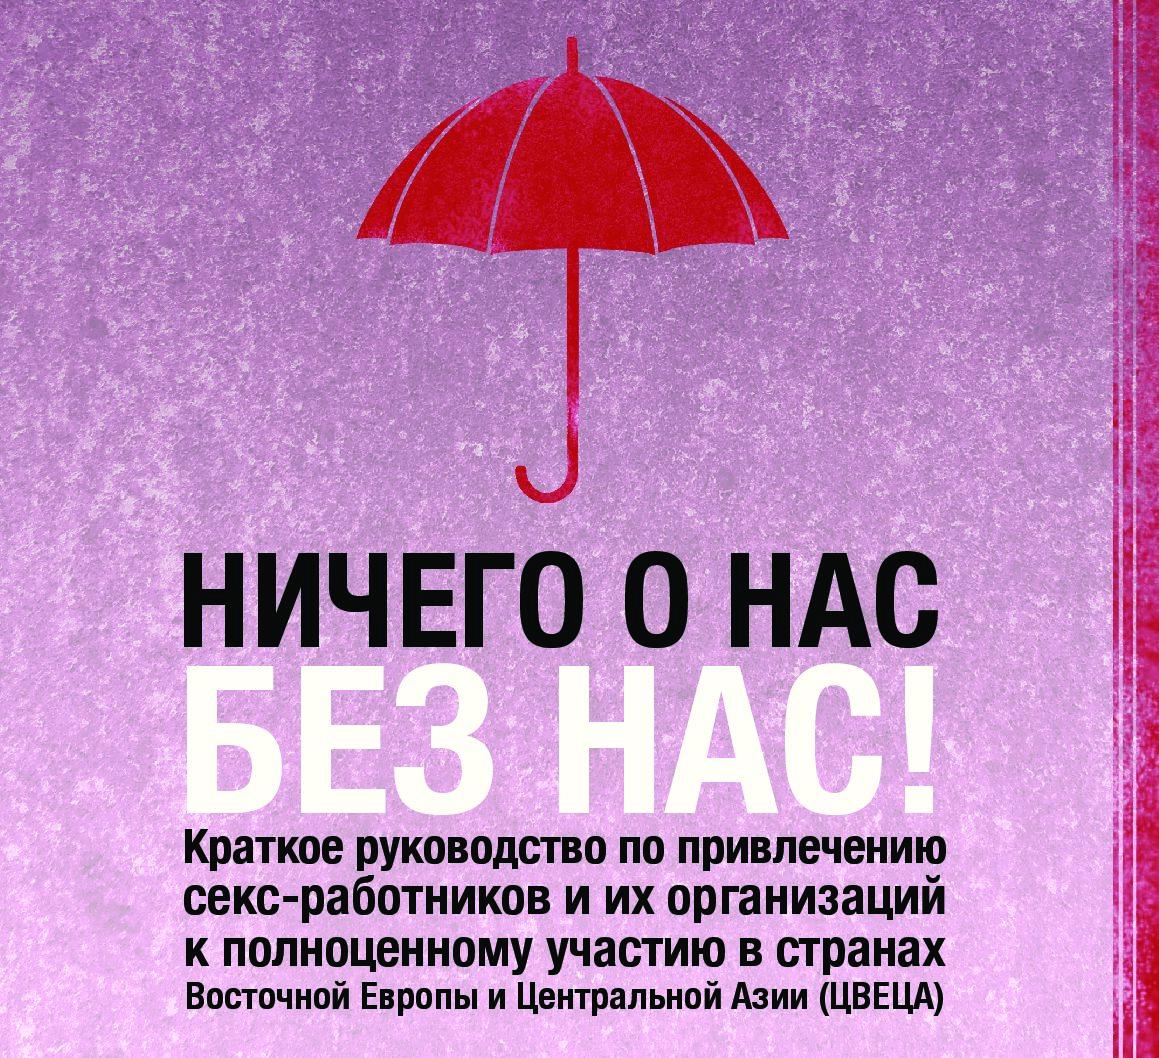 НИЧЕГО О НАС БЕЗ НАС! Краткое руководство по привлечению секс-работников и их организаций к полноценному участию в странах Восточной Европы и Центральной Азии (ЦВЕЦА)